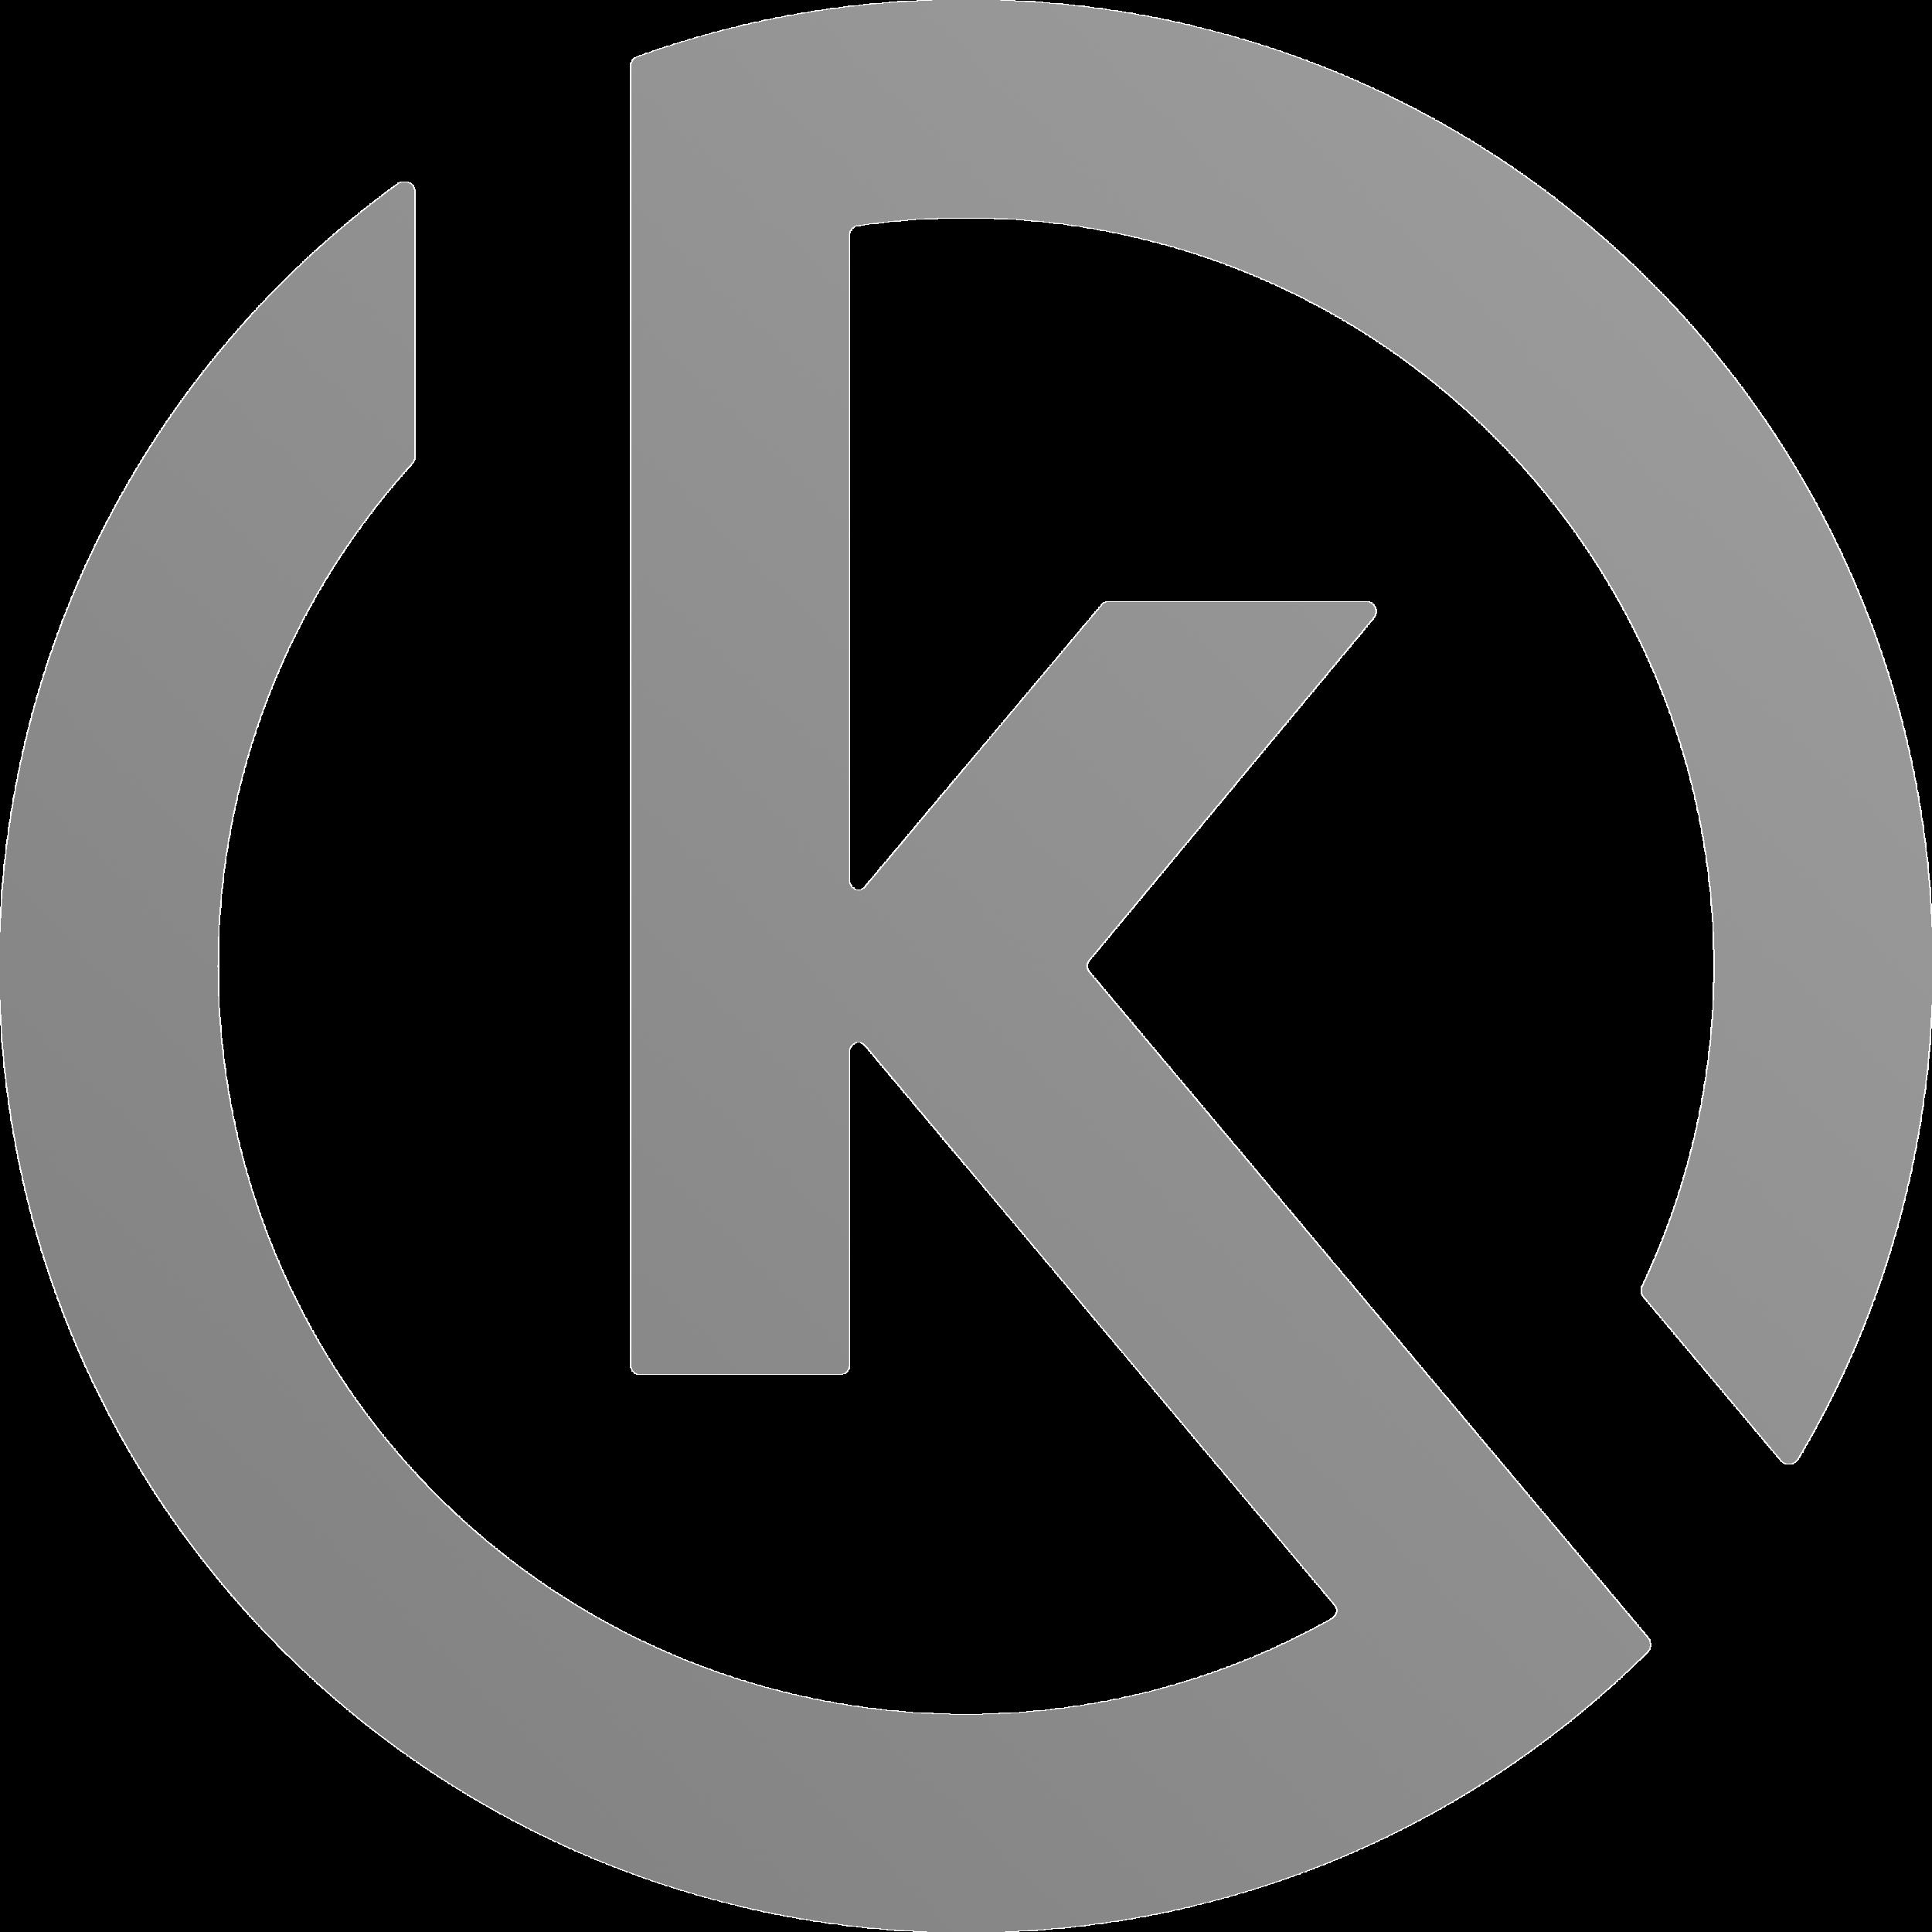 Copy of Kynect_Logo_Blue_Gradient_Transparent_dead.png